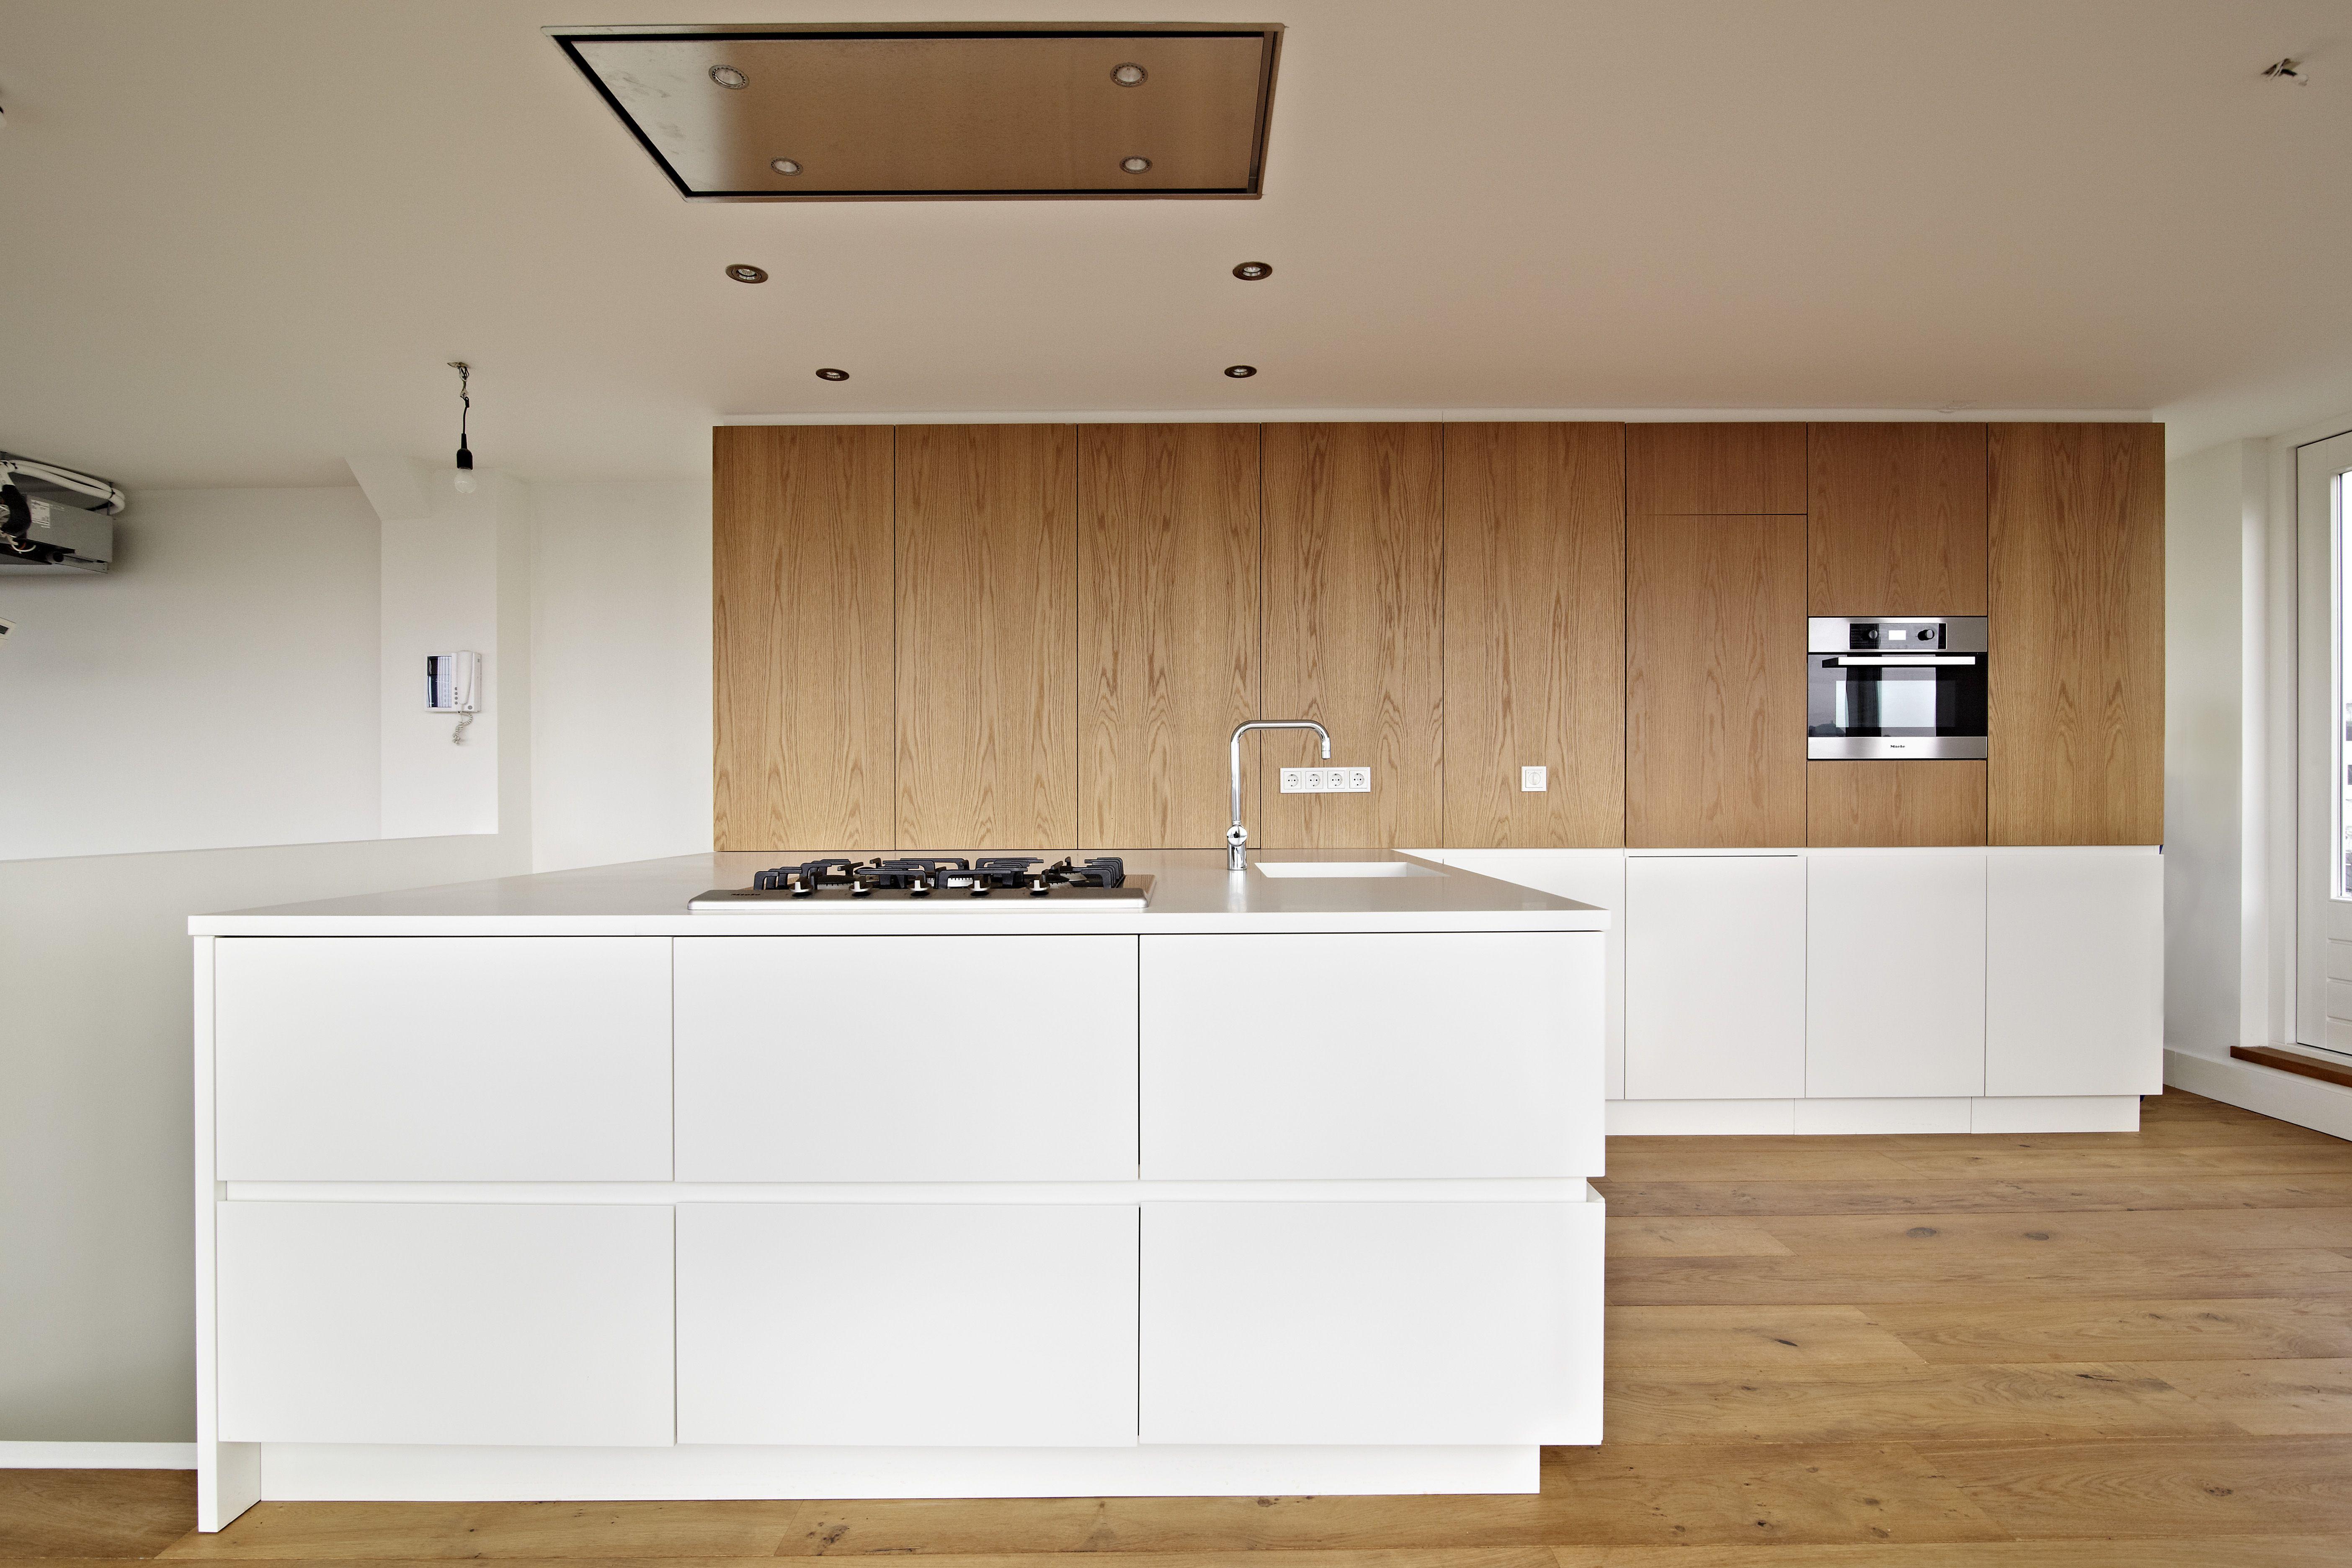 Keuken Wandkast 5 : Eigen #fineer #afzuigkap #opmaat #miele #inbouwapparatuur